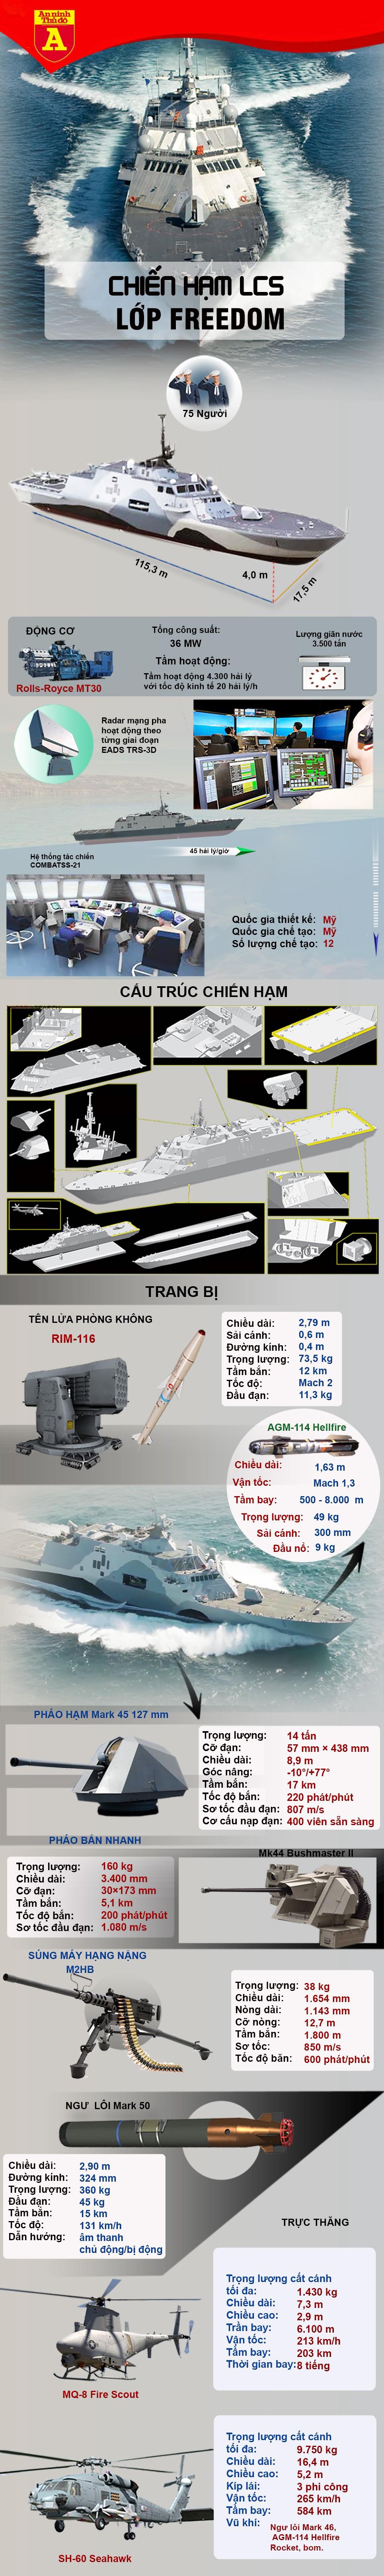 """[Info] Chiến hạm Mỹ vừa """"tháo chạy"""" trước Su-30MK2 Venezuela mạnh cỡ nào? ảnh 2"""